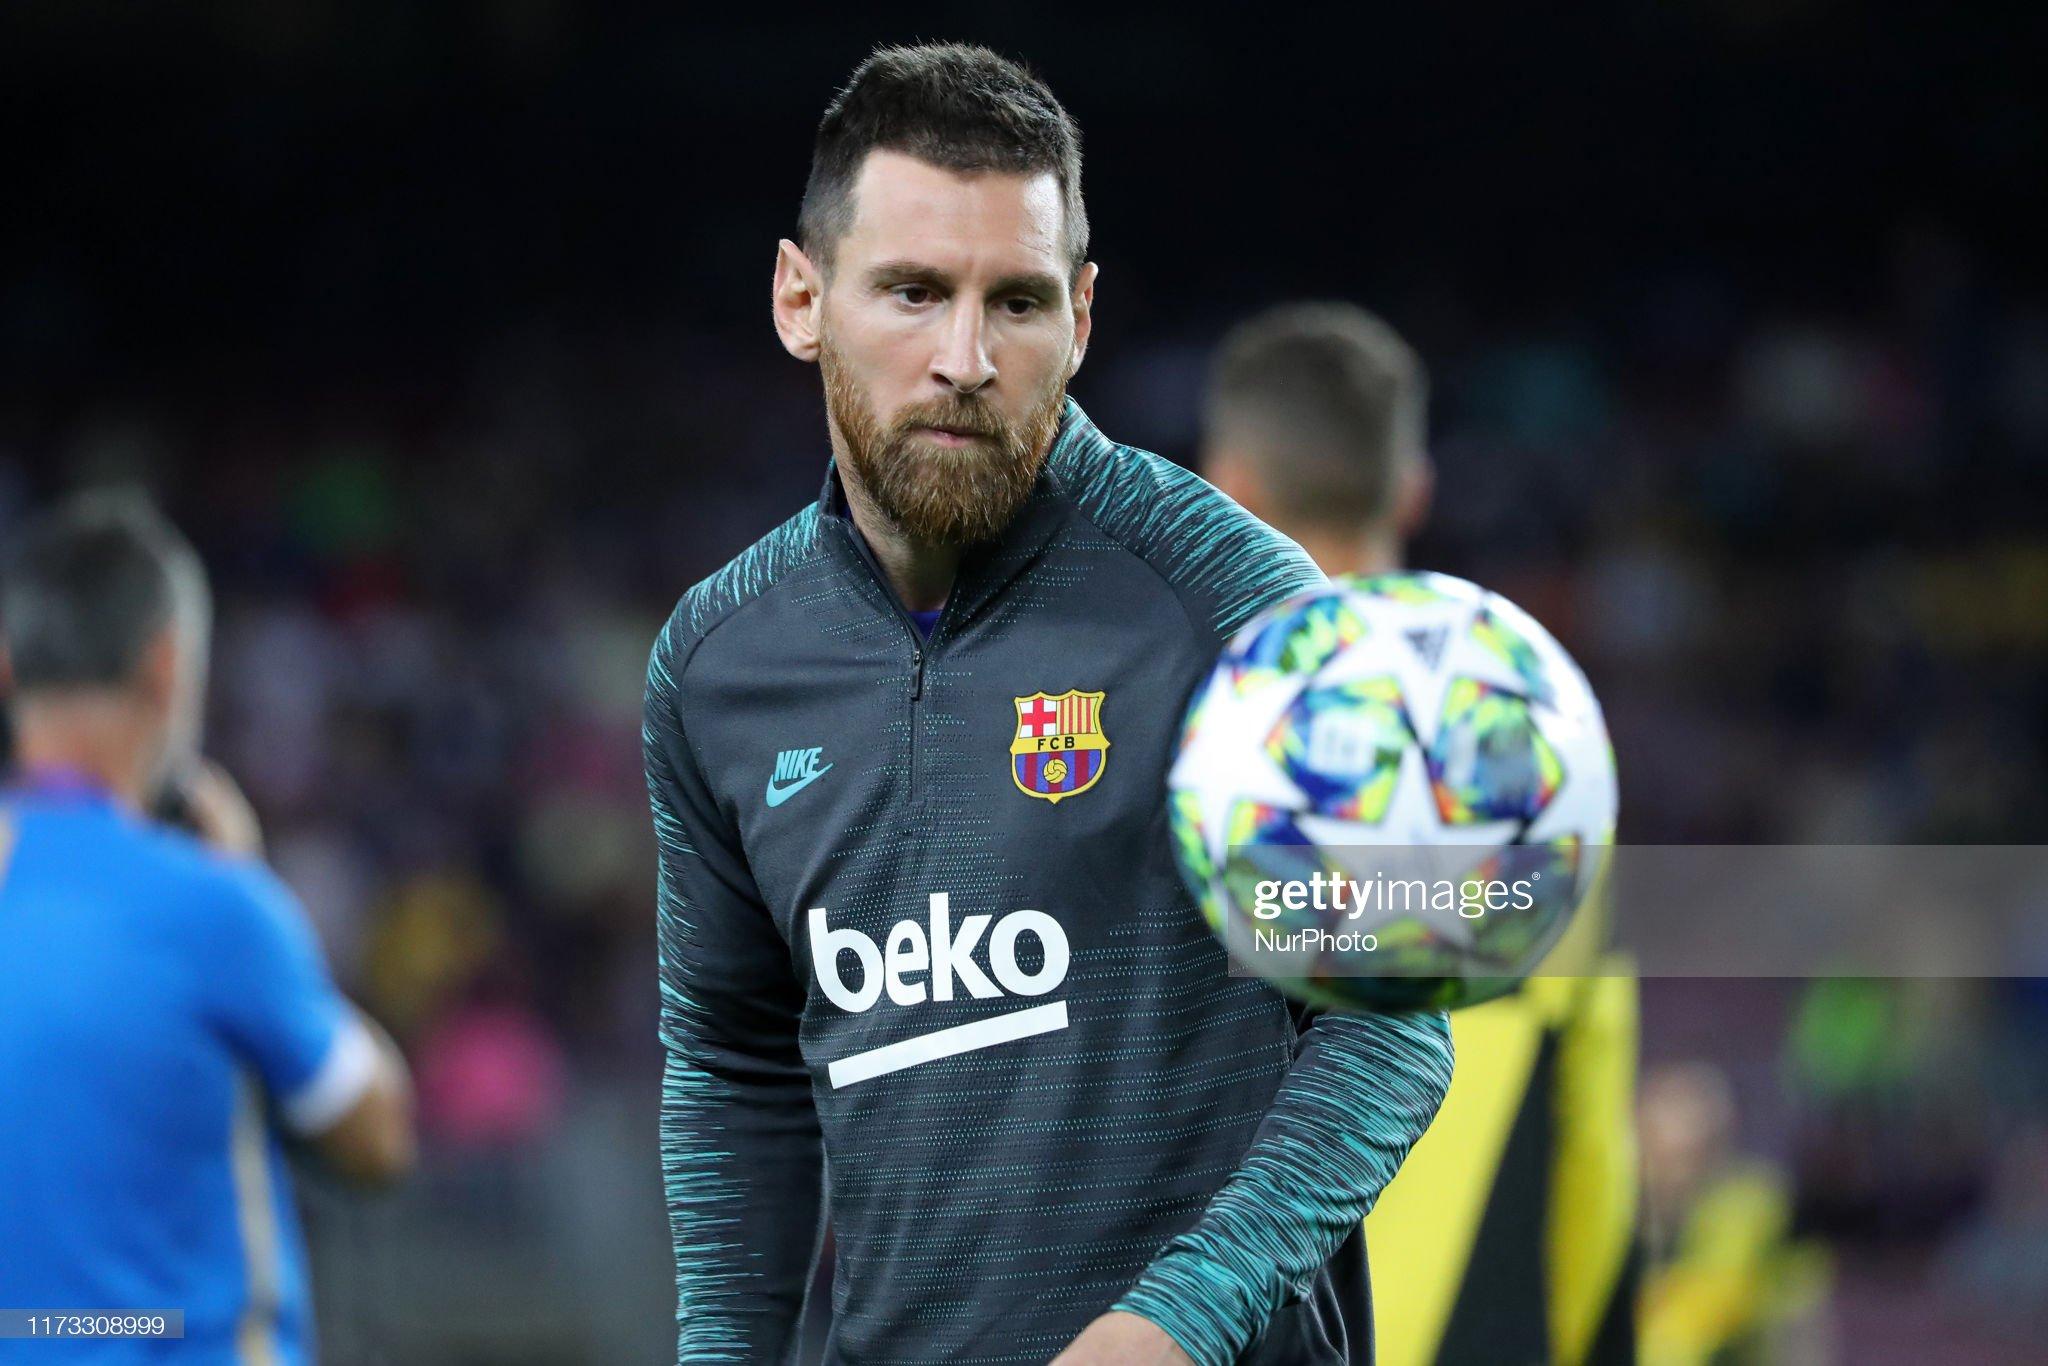 صور مباراة : برشلونة - إنتر 2-1 ( 02-10-2019 )  Leo-messi-during-the-match-between-fc-barcelona-between-inter-to-the-picture-id1173308999?s=2048x2048